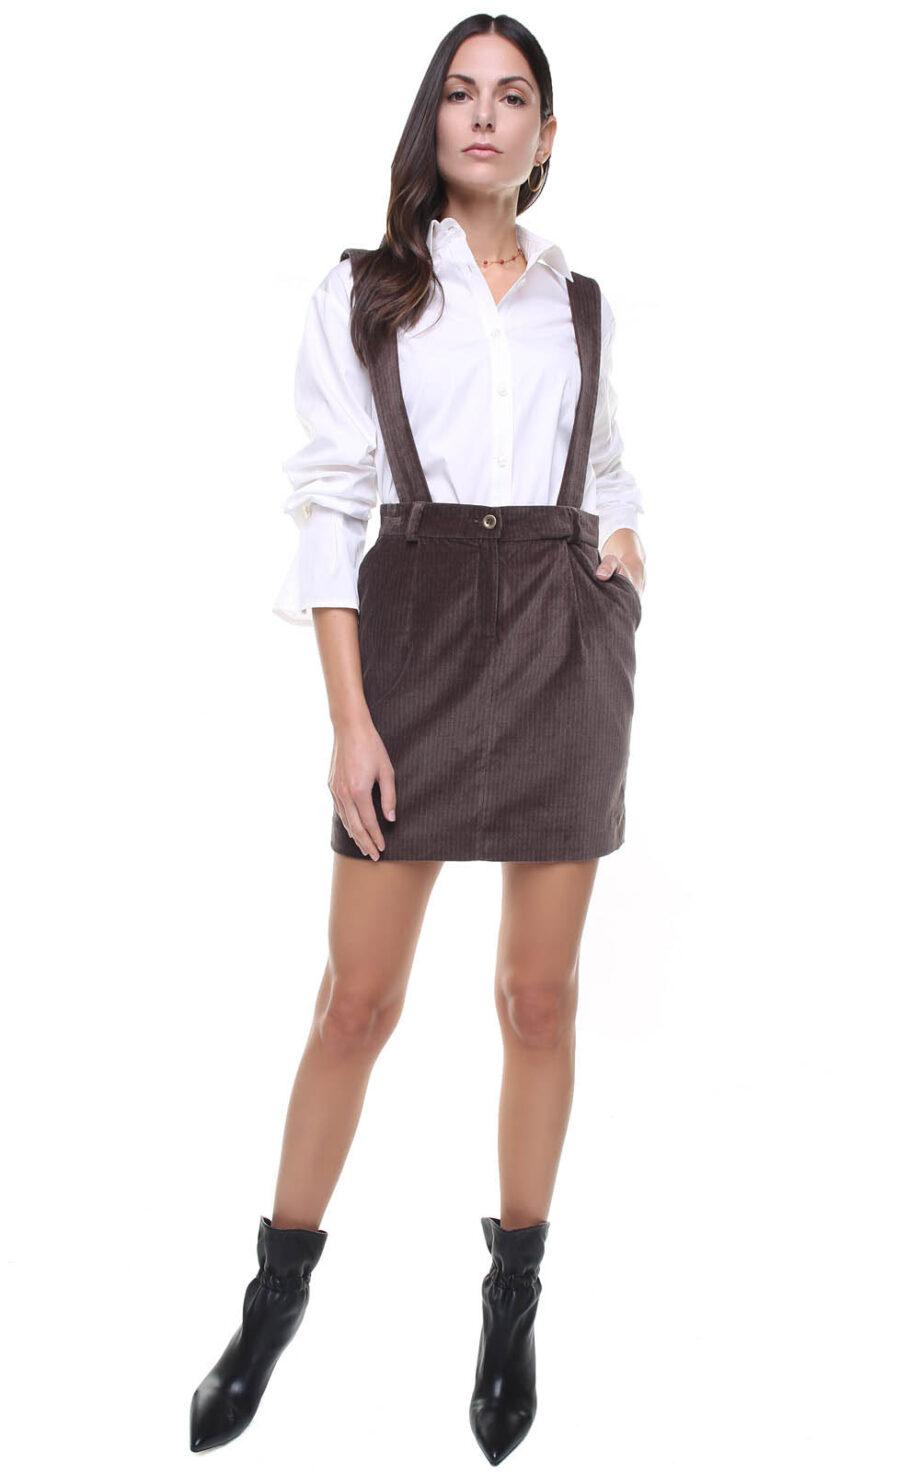 Mia Skirt velvet w/ removable suspenders